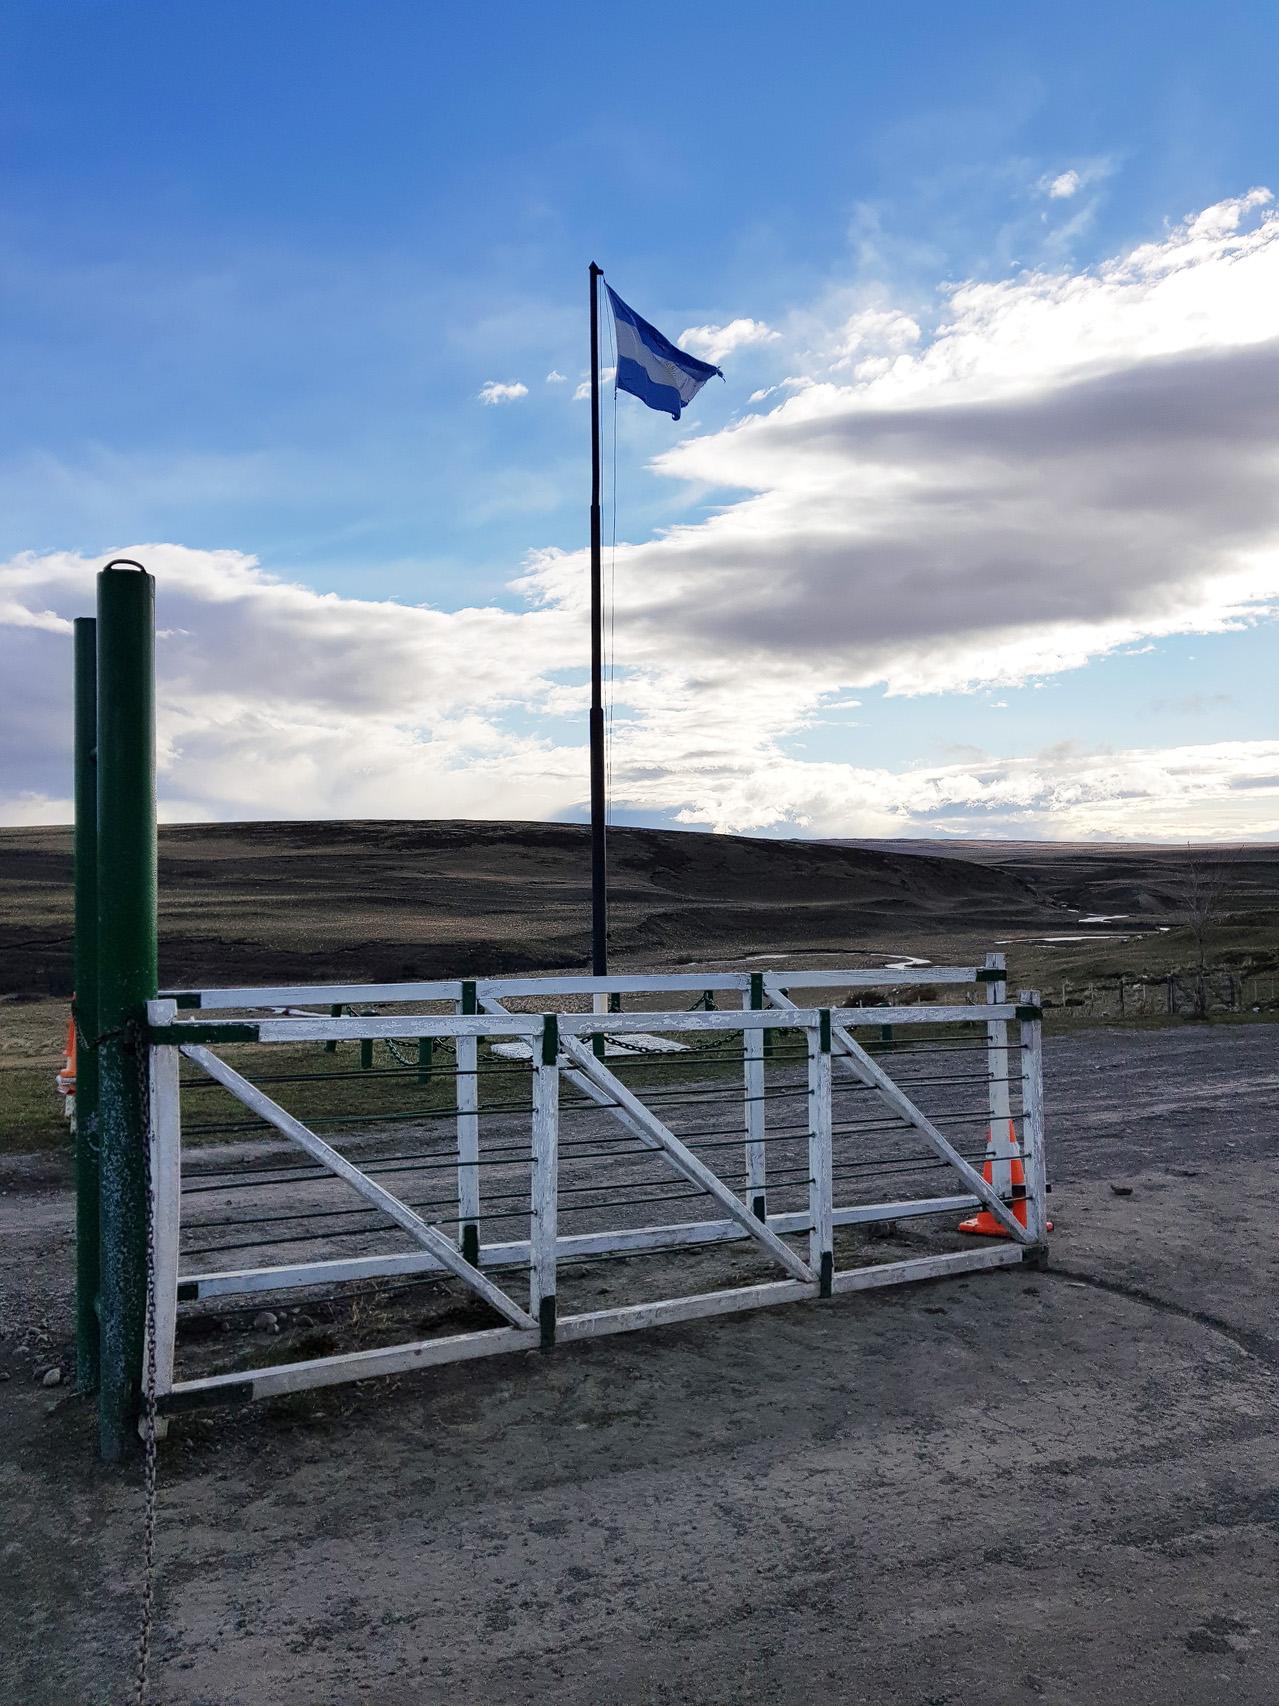 Wir mussten sehr früh am Morgen aus den Federn, eine lange Busreise stand bevor. Wir waren gespannt auf die argentinische Landschaft...